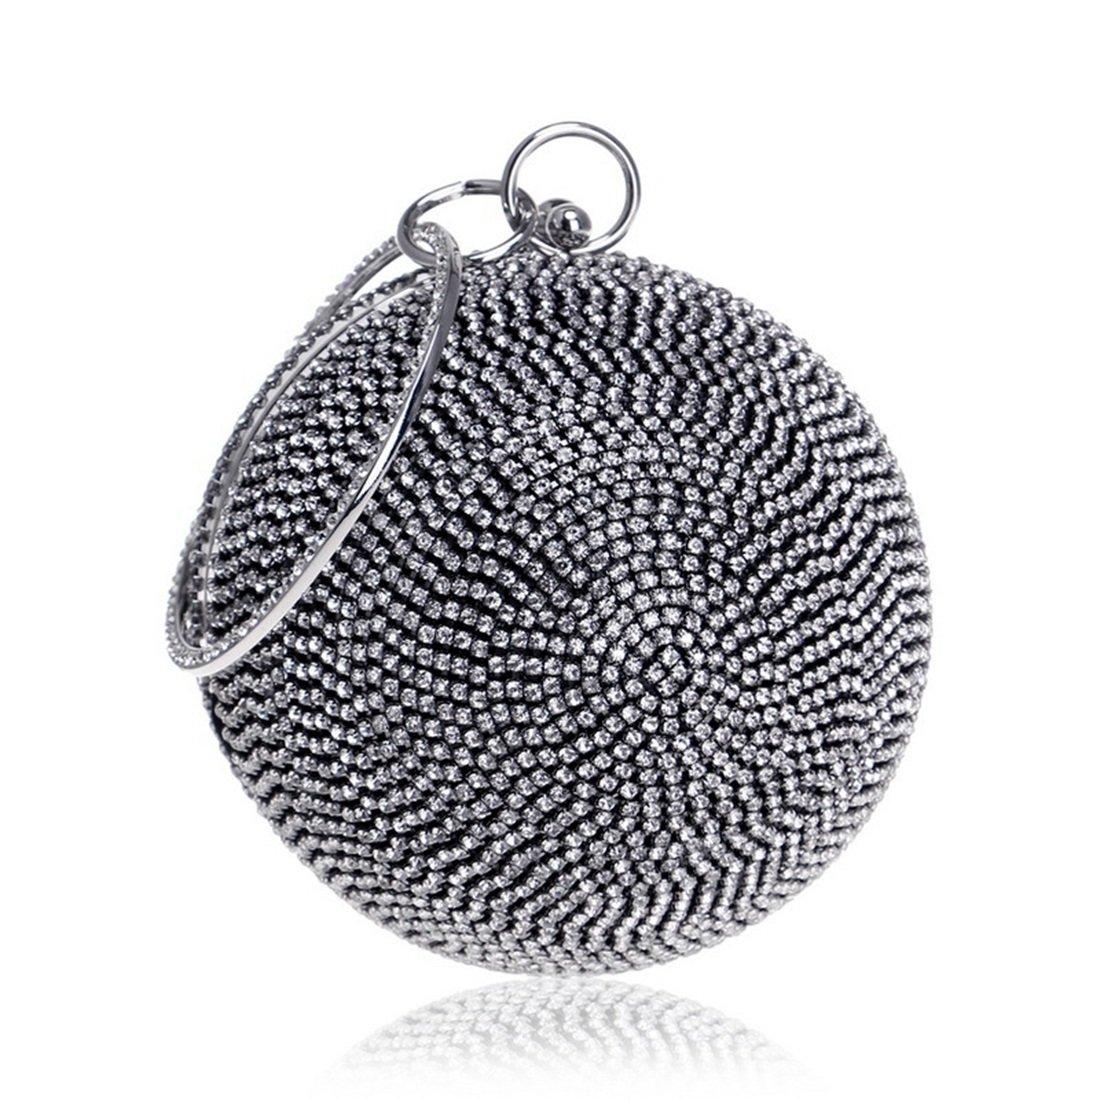 Sixminyo Frauen Runde Runde Runde Ball Handtasche Diamant Abendtasche Clutch Handtasche Umhängetasche (Farbe   schwarz) B07P38SLGL Clutches Moderne und stilvolle Mode d81911